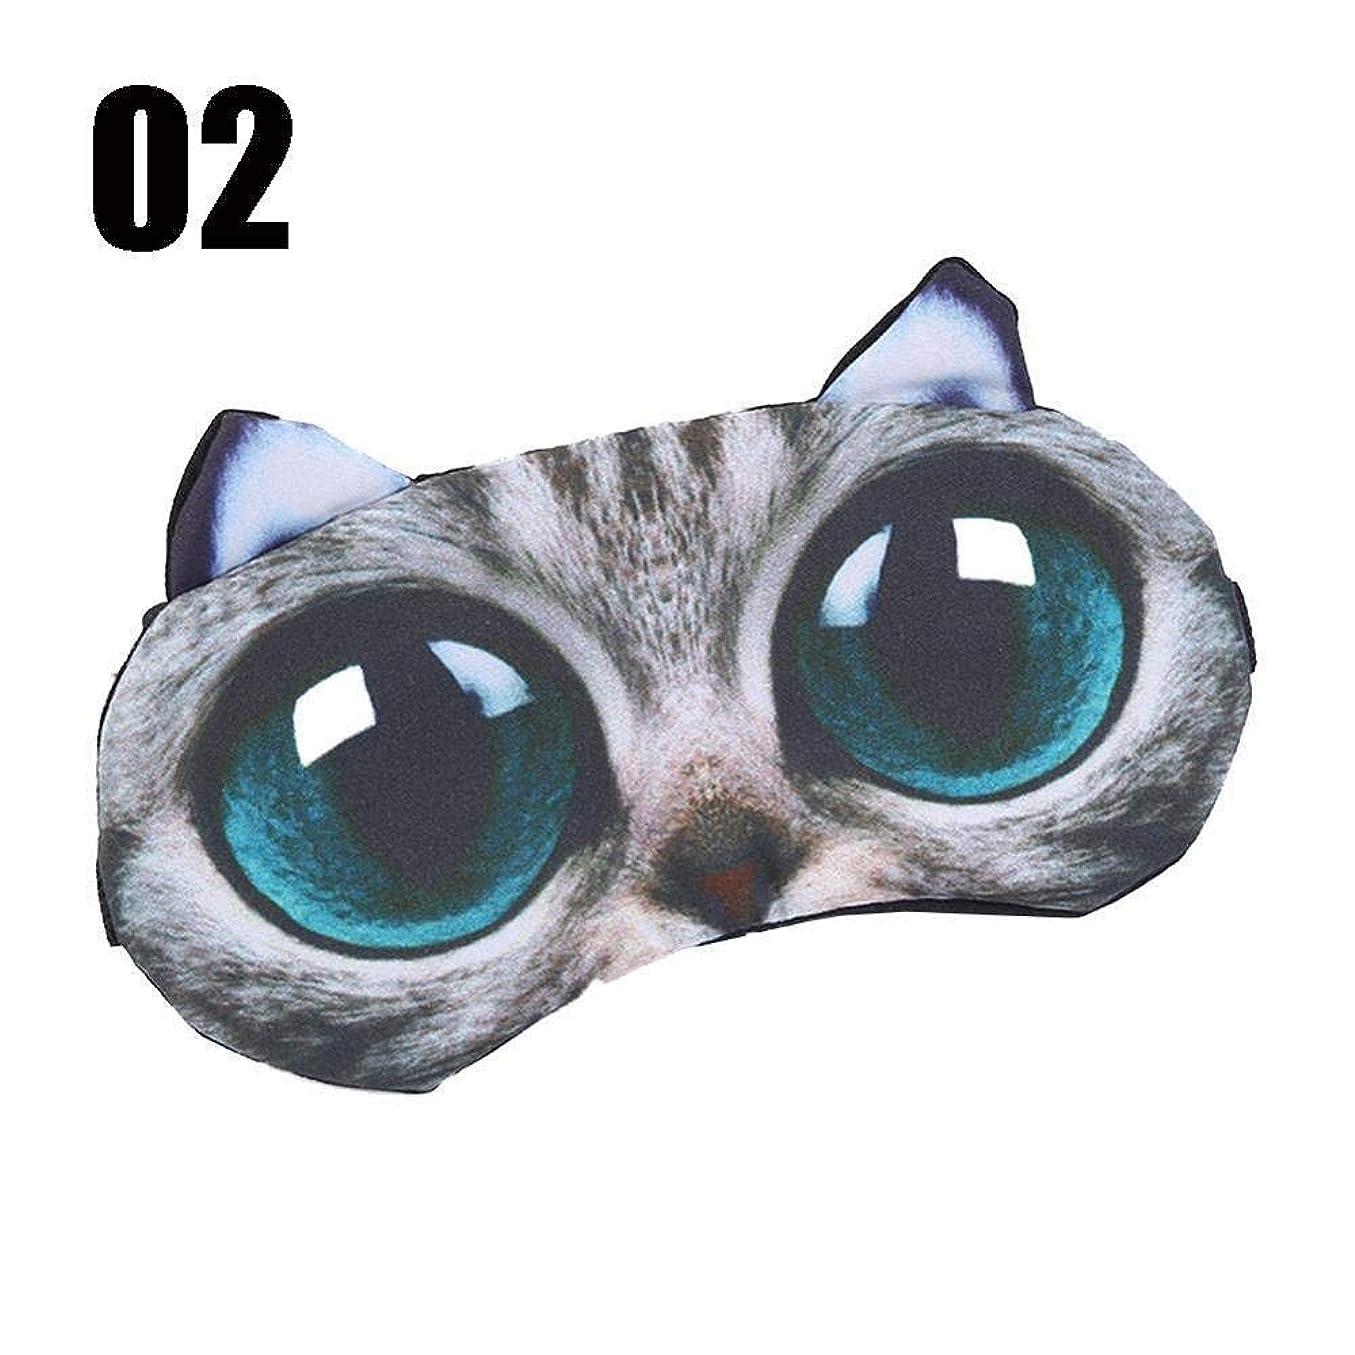 パントリー見つける天才NOTE クリエイティブ猫睡眠マスクアイマスクアイシェードカバーシェードナチュラル睡眠アイパッチ女性男性3d漫画かわいいソフトトラベル目隠し